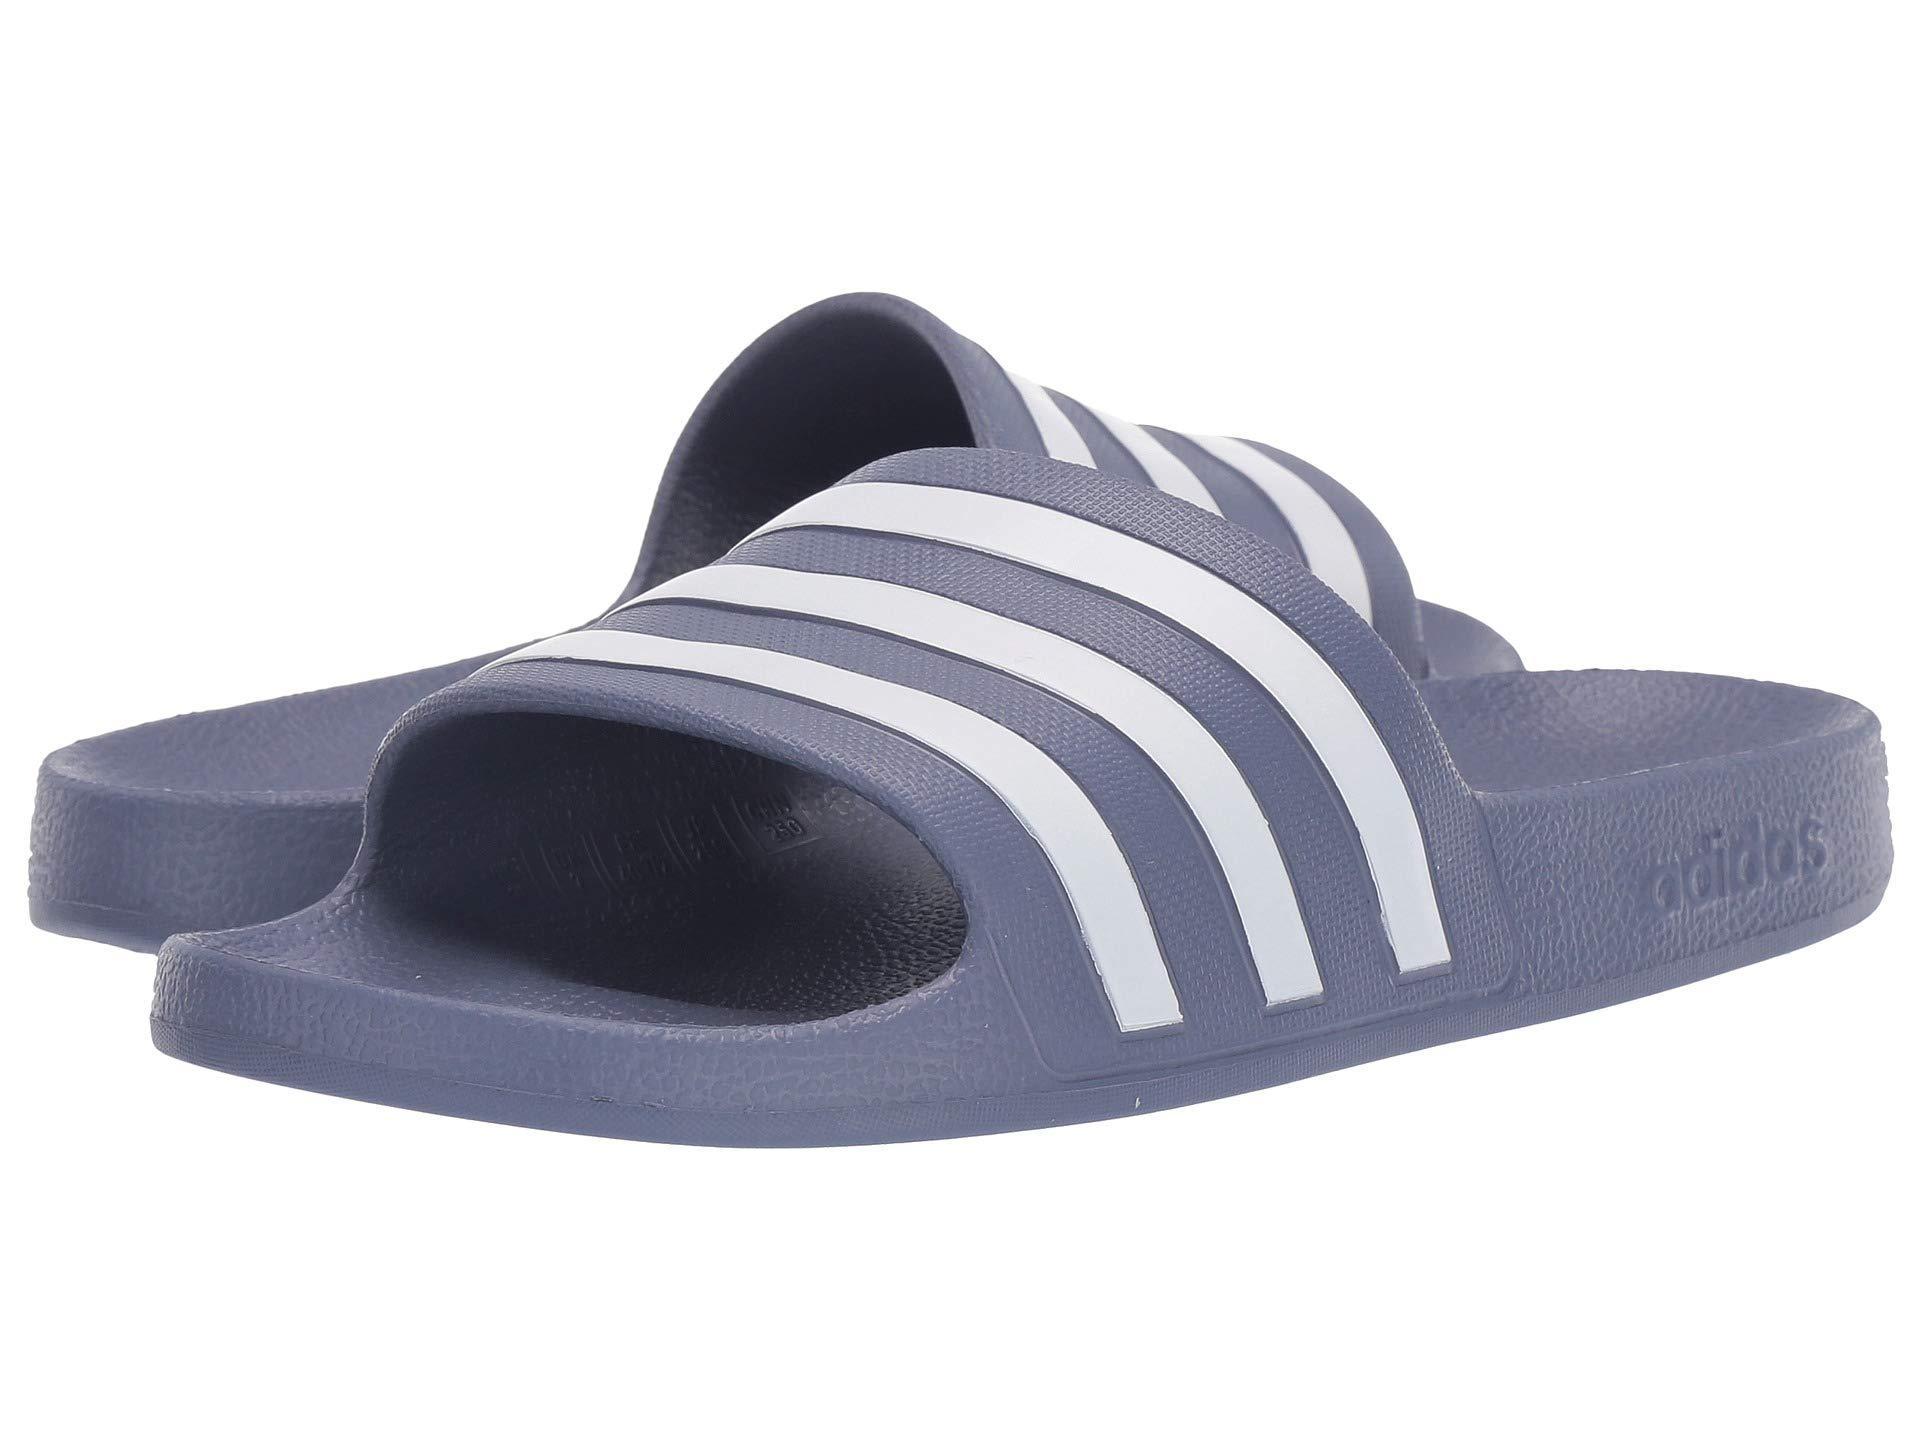 838f243a61a0 Lyst - adidas Adilette Aqua (footwear White core Black footwear ...